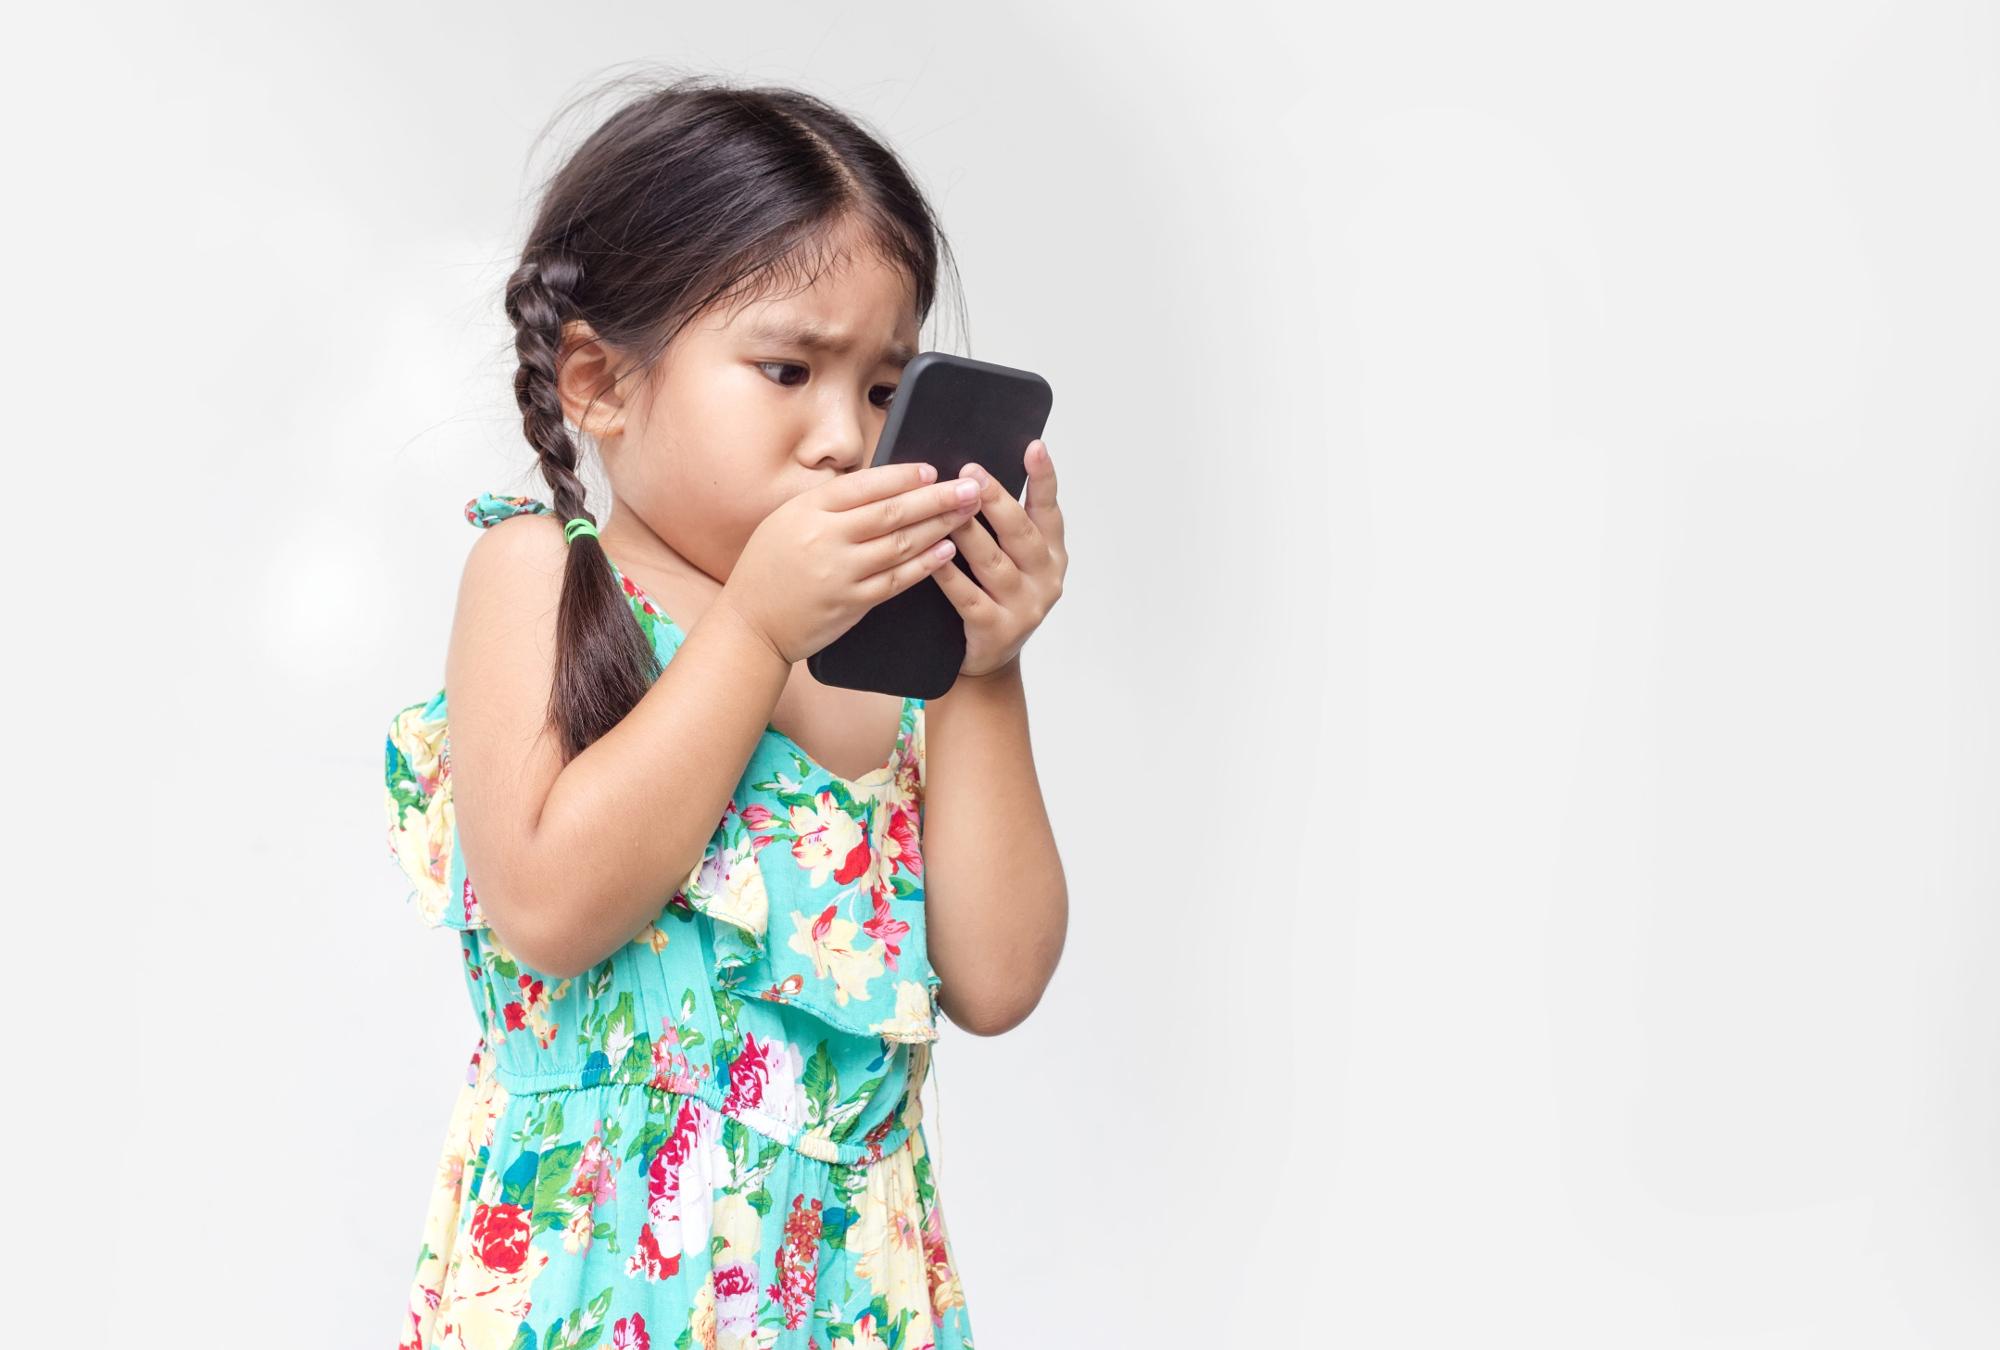 La miopia dei bambini e dei ragazzi può migliorare?